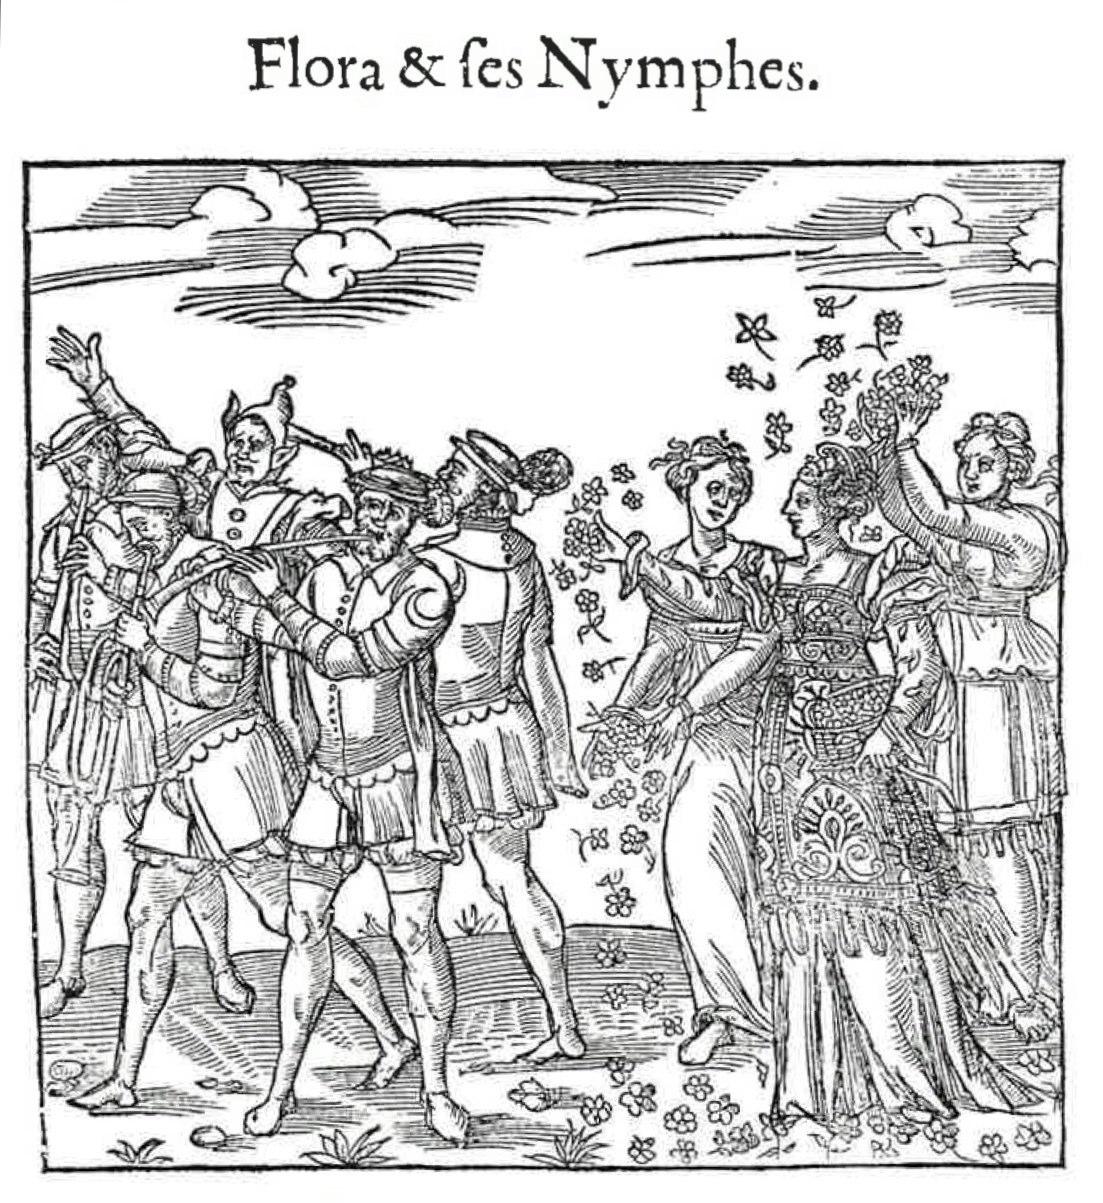 C'est la Deduction du Sompteuux Ordre Plaisant et Spectacles, 1551, Depicts celebrations for Henry II and Catherine de Medici. Contributed by Pietro Modesti